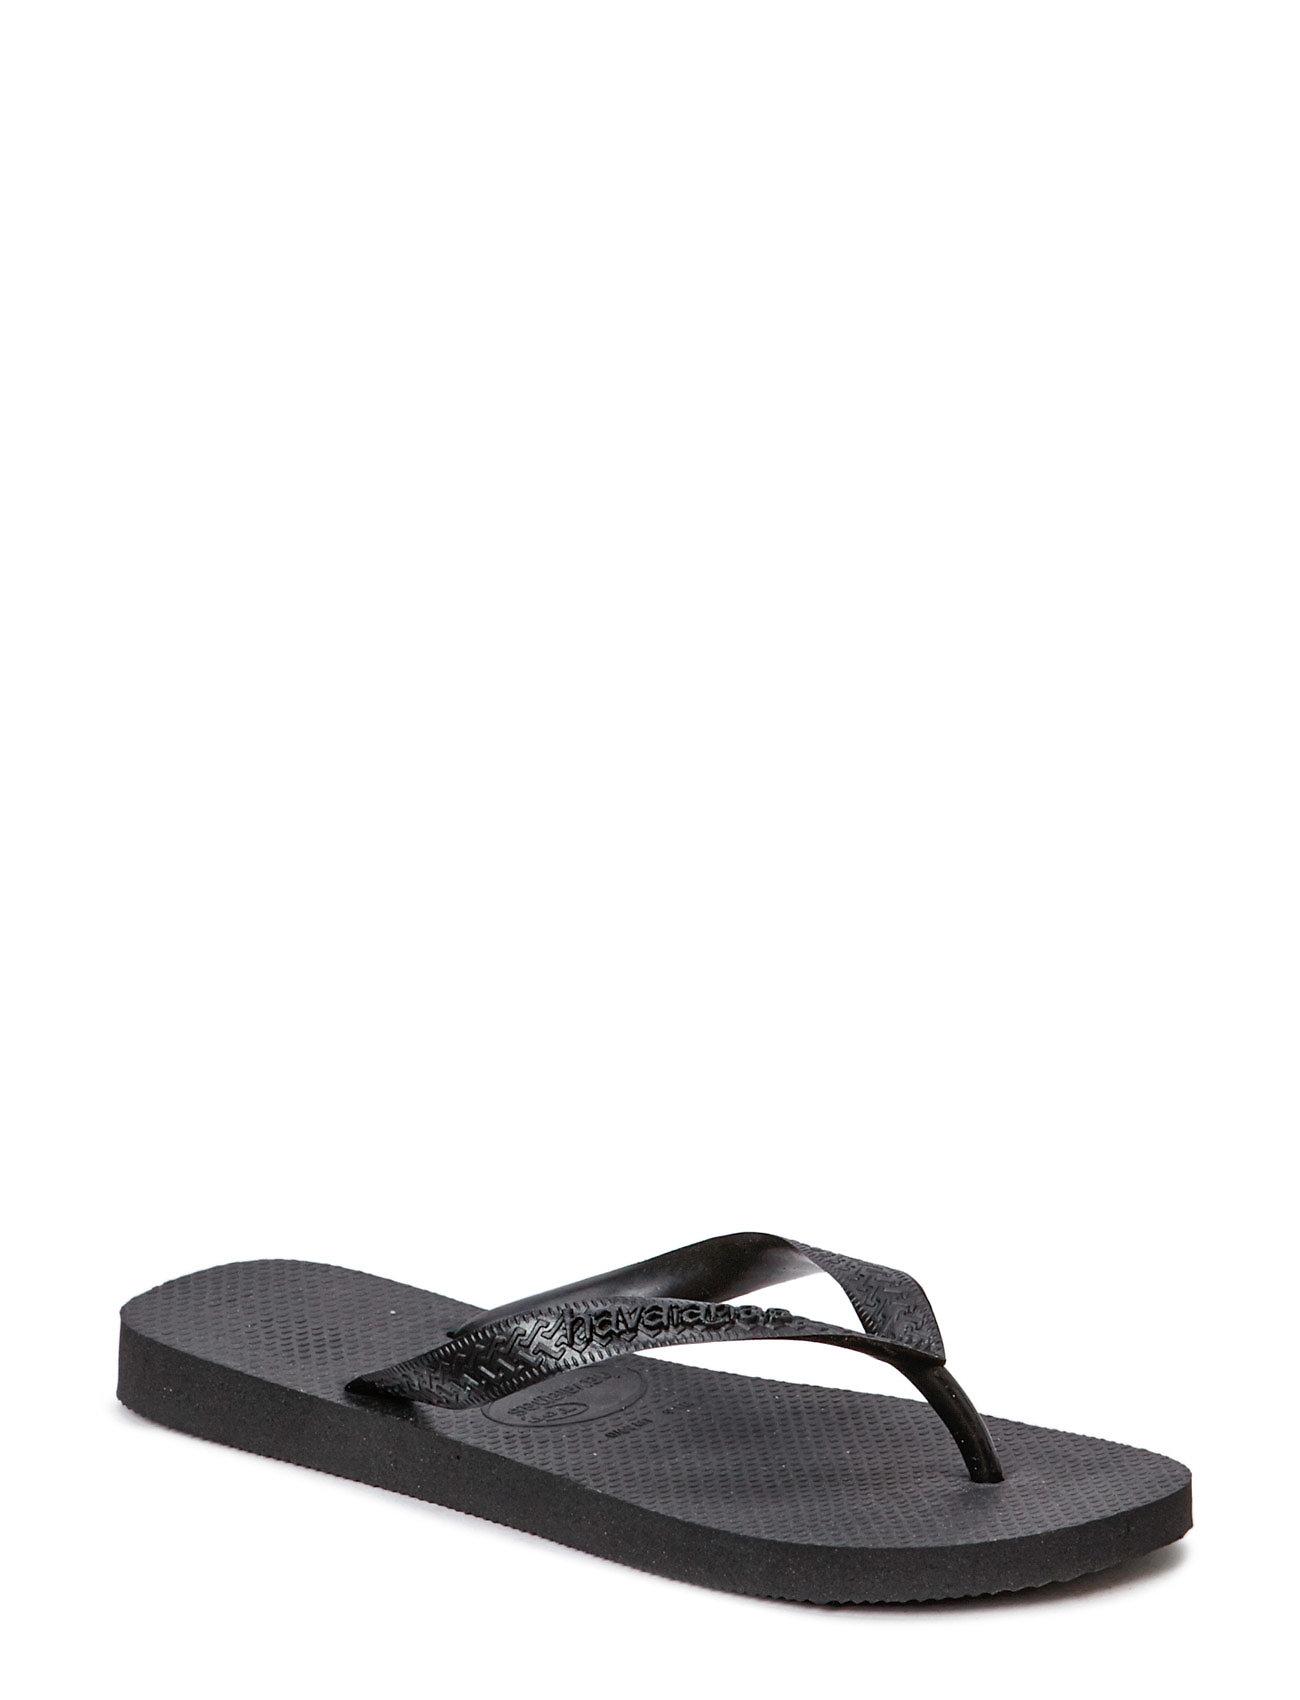 Havaianas - Top - flip-flops - black - 0